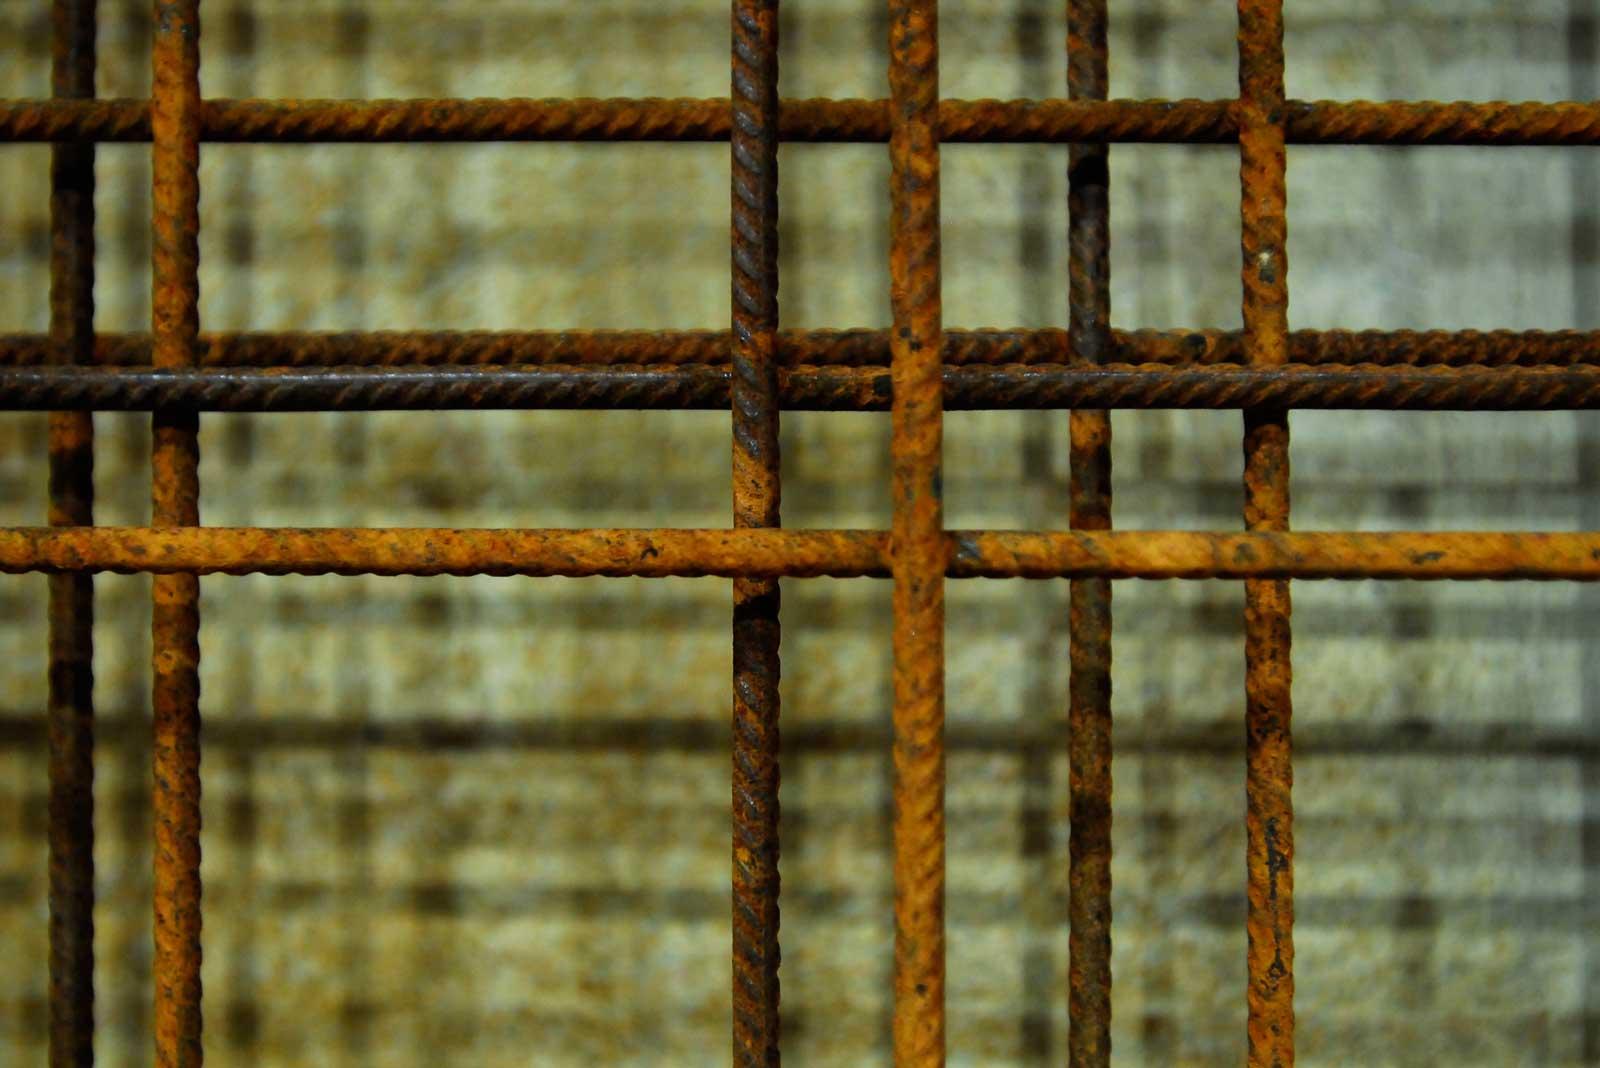 Gitter Strukturen Meshes